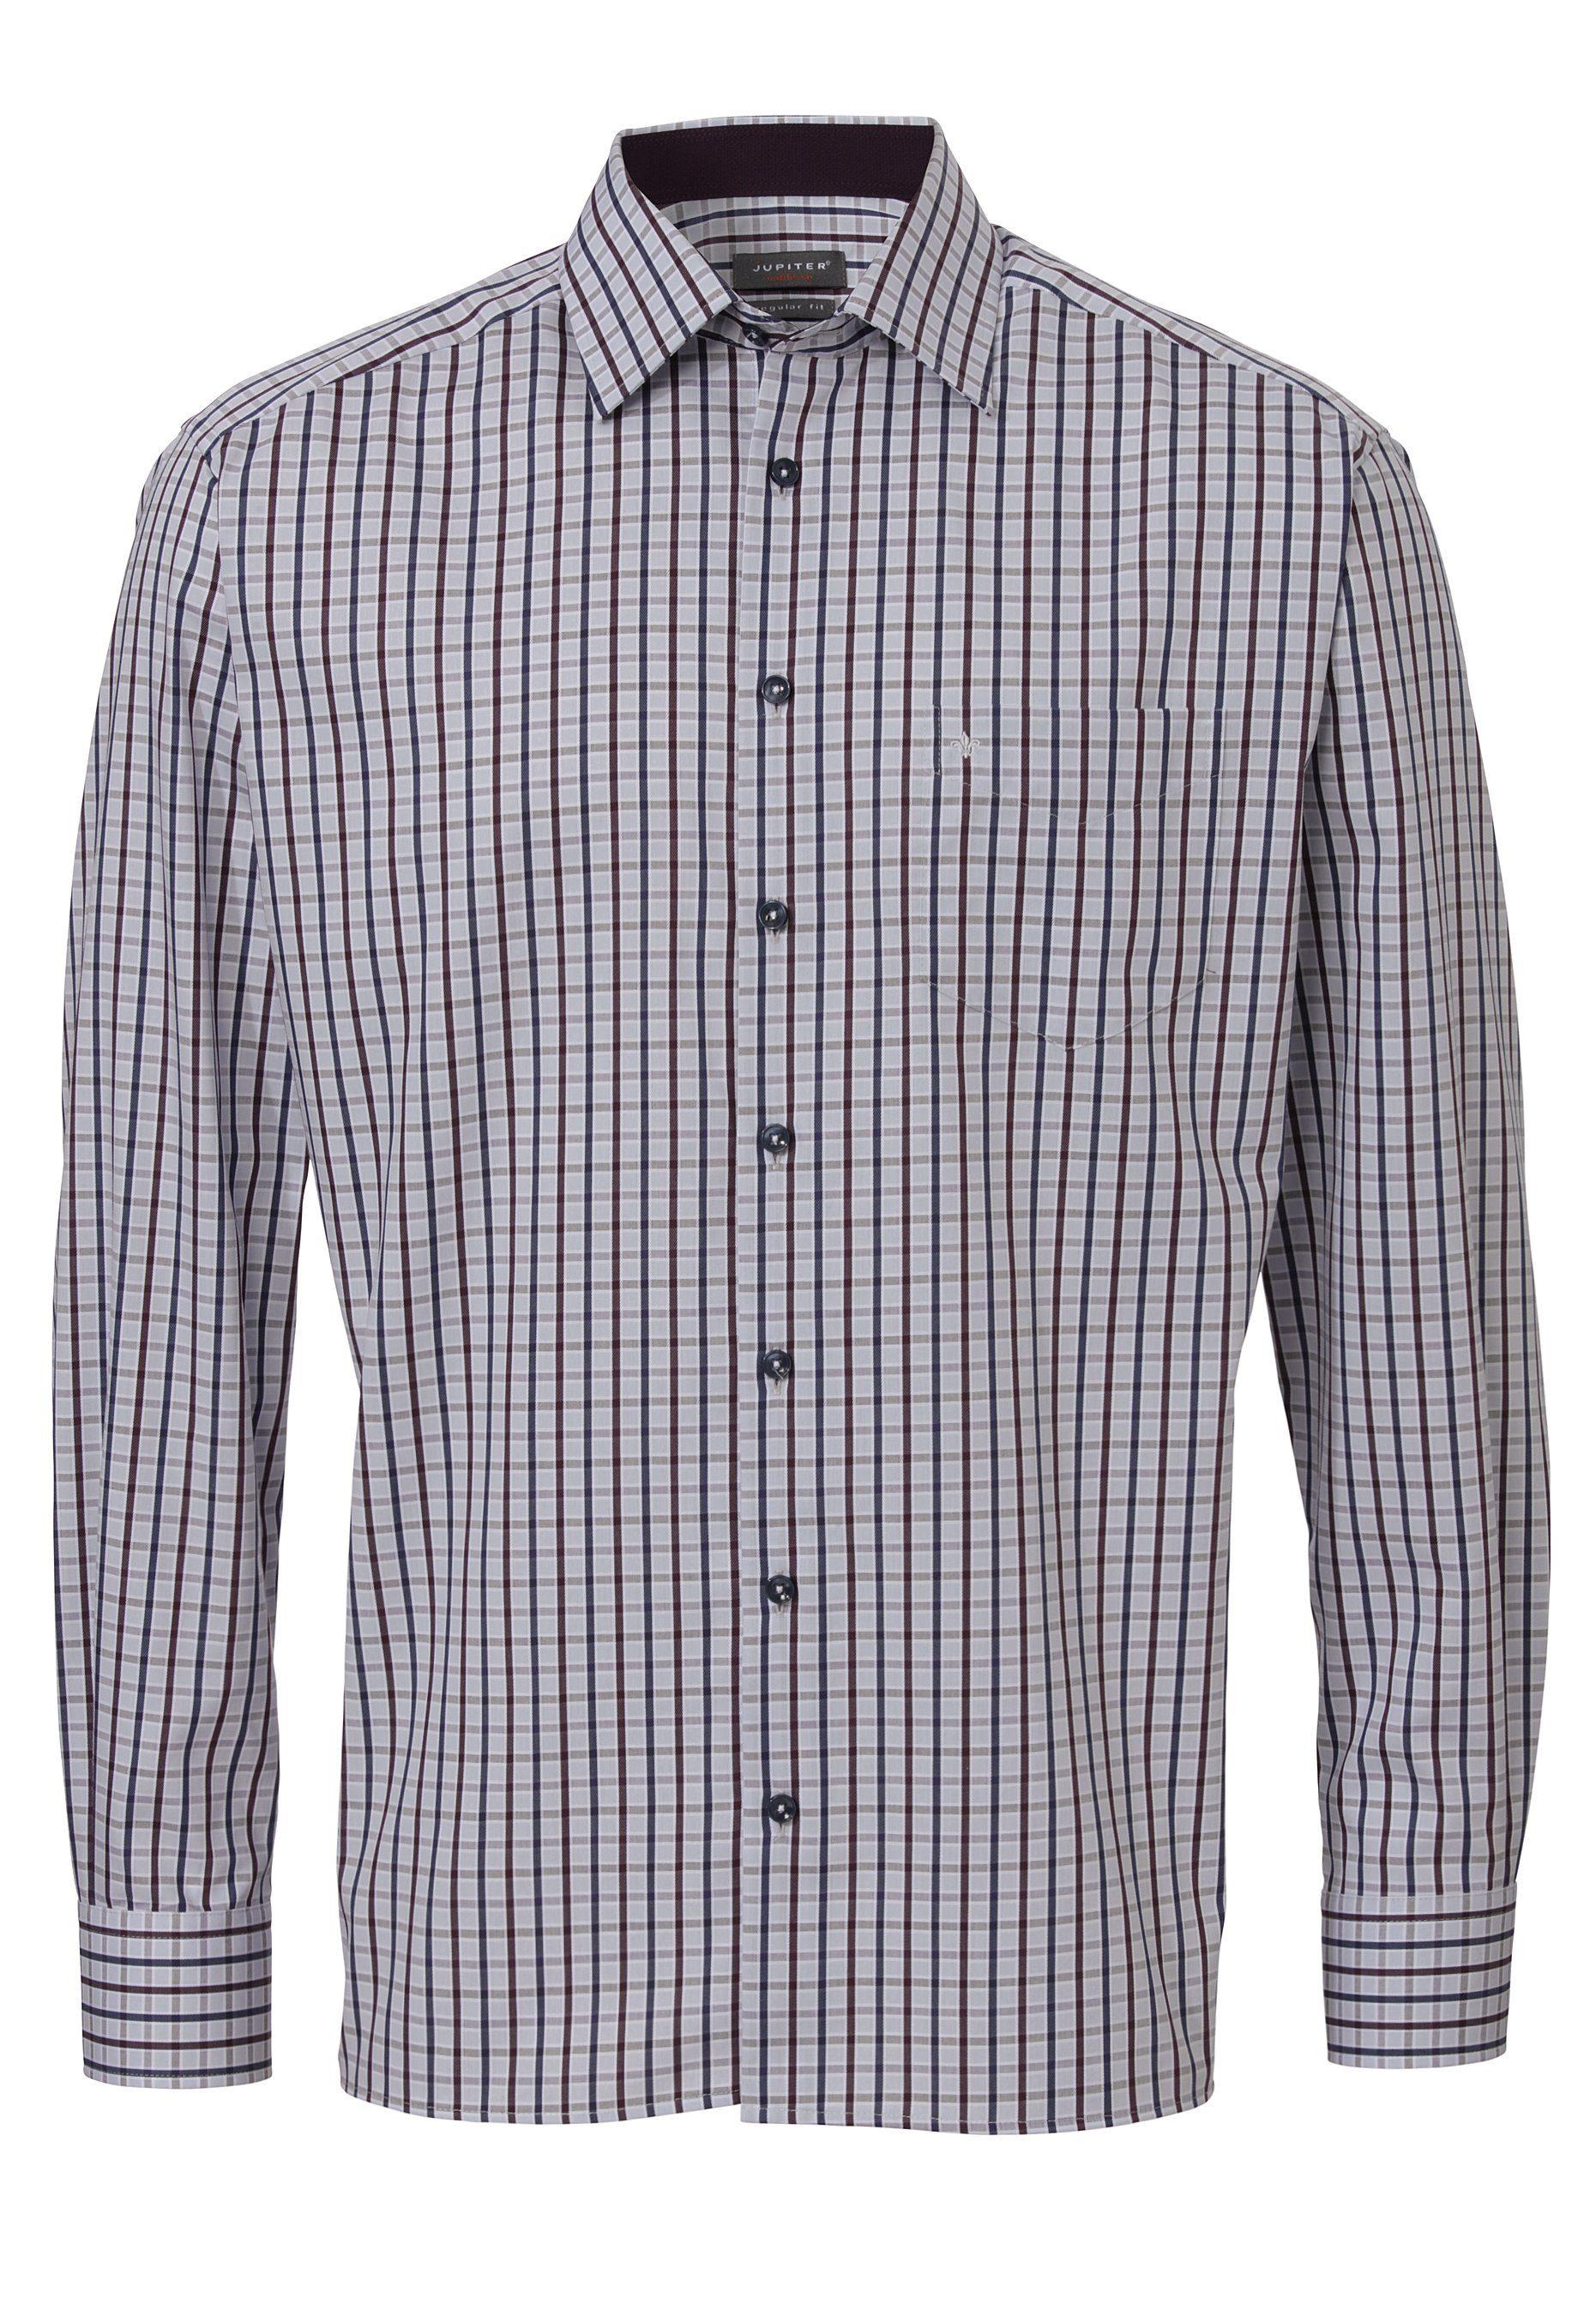 Jupiter Modisches Herrenhemd | Bekleidung > Hemden > Sonstige Hemden | Rot | Baumwolle - Jeans | JUPITER